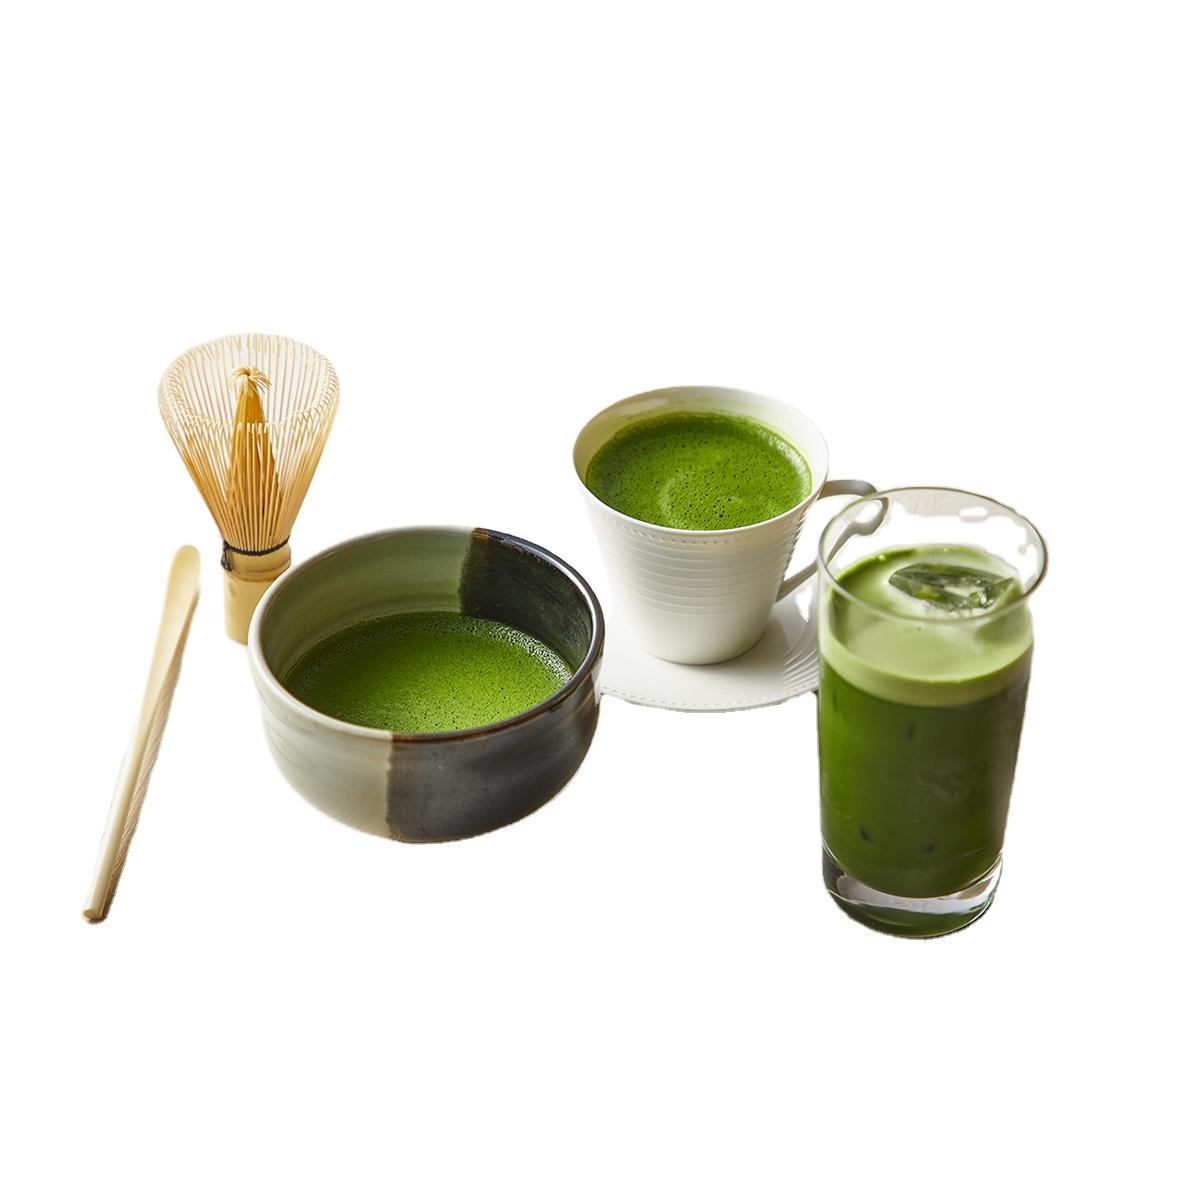 Premium matured powder ceremonial grade private label organic premium matcha tea